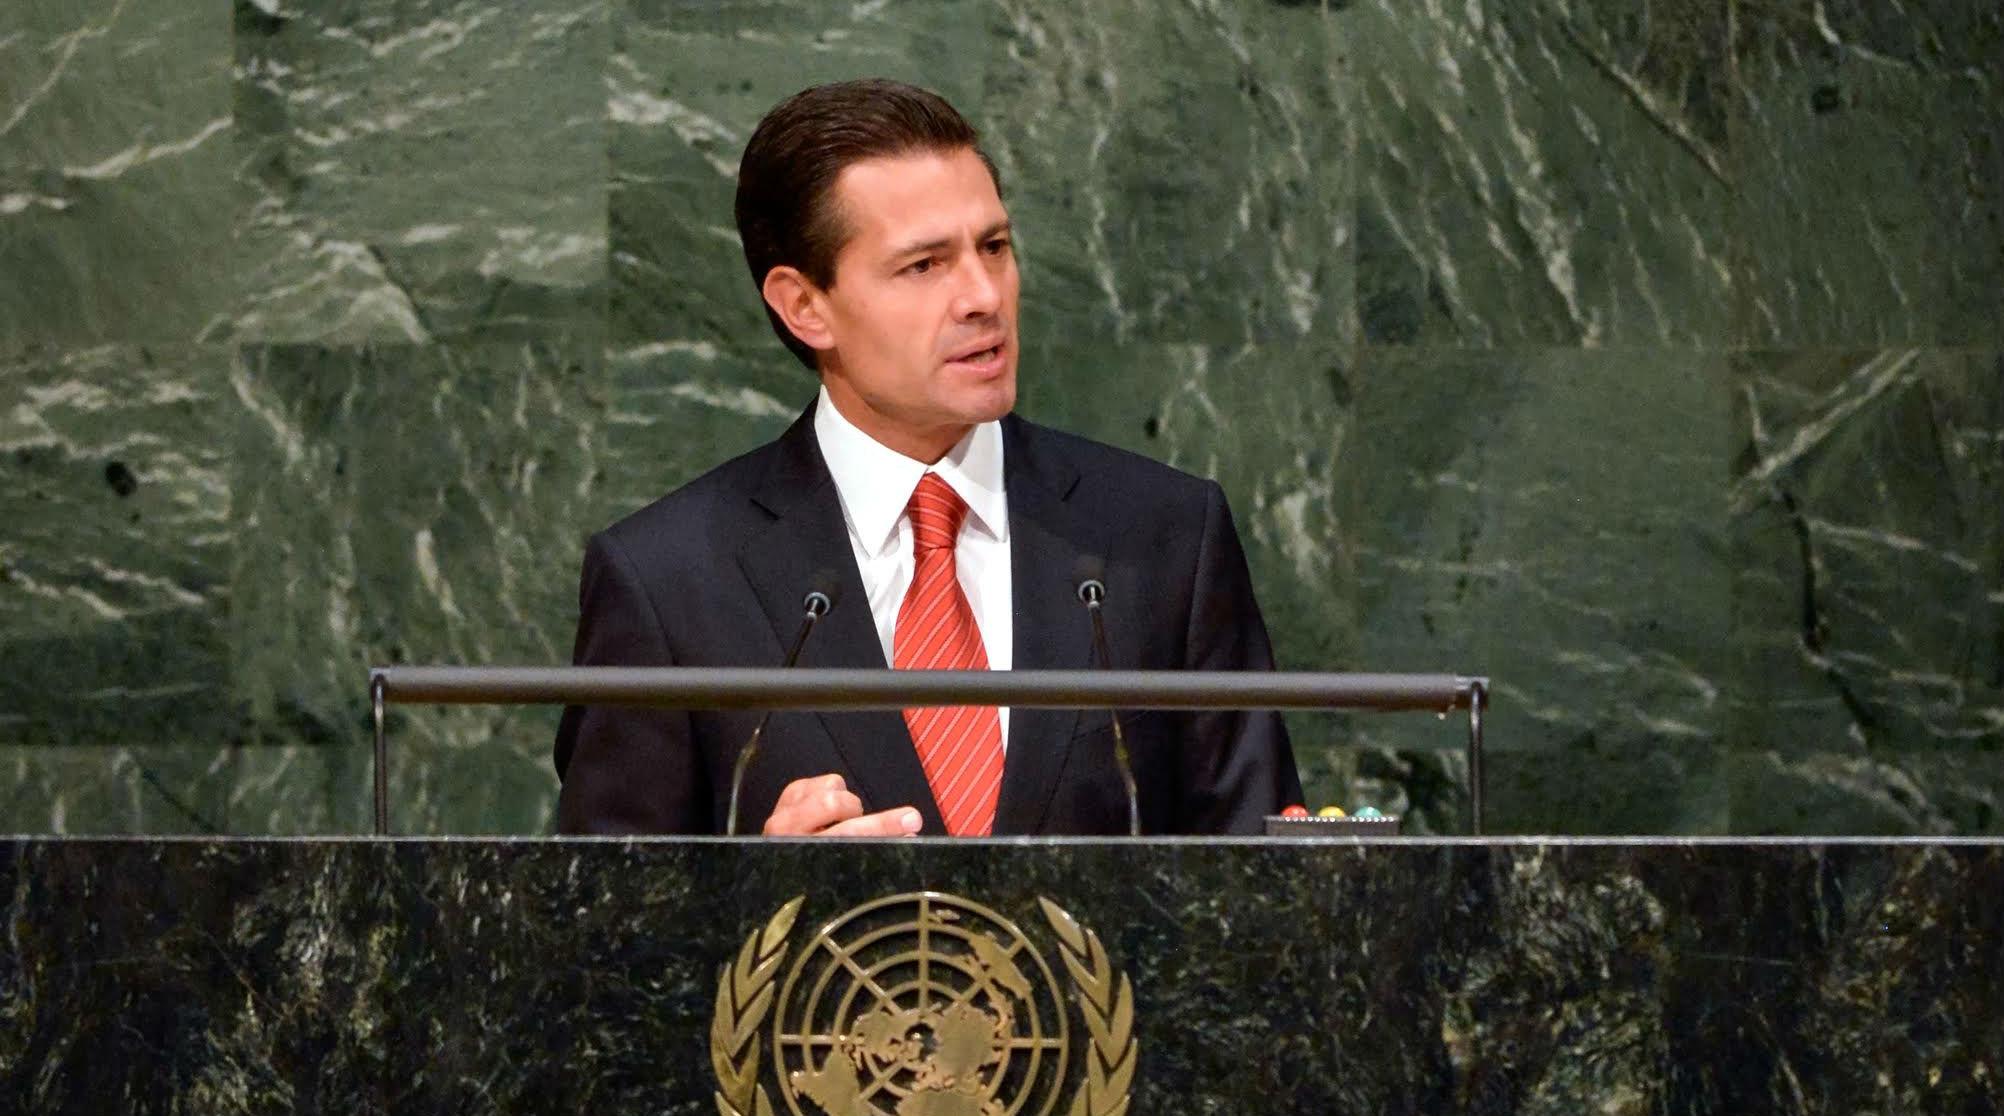 El Presidente Peña Nieto durante su discurso en la ONU.